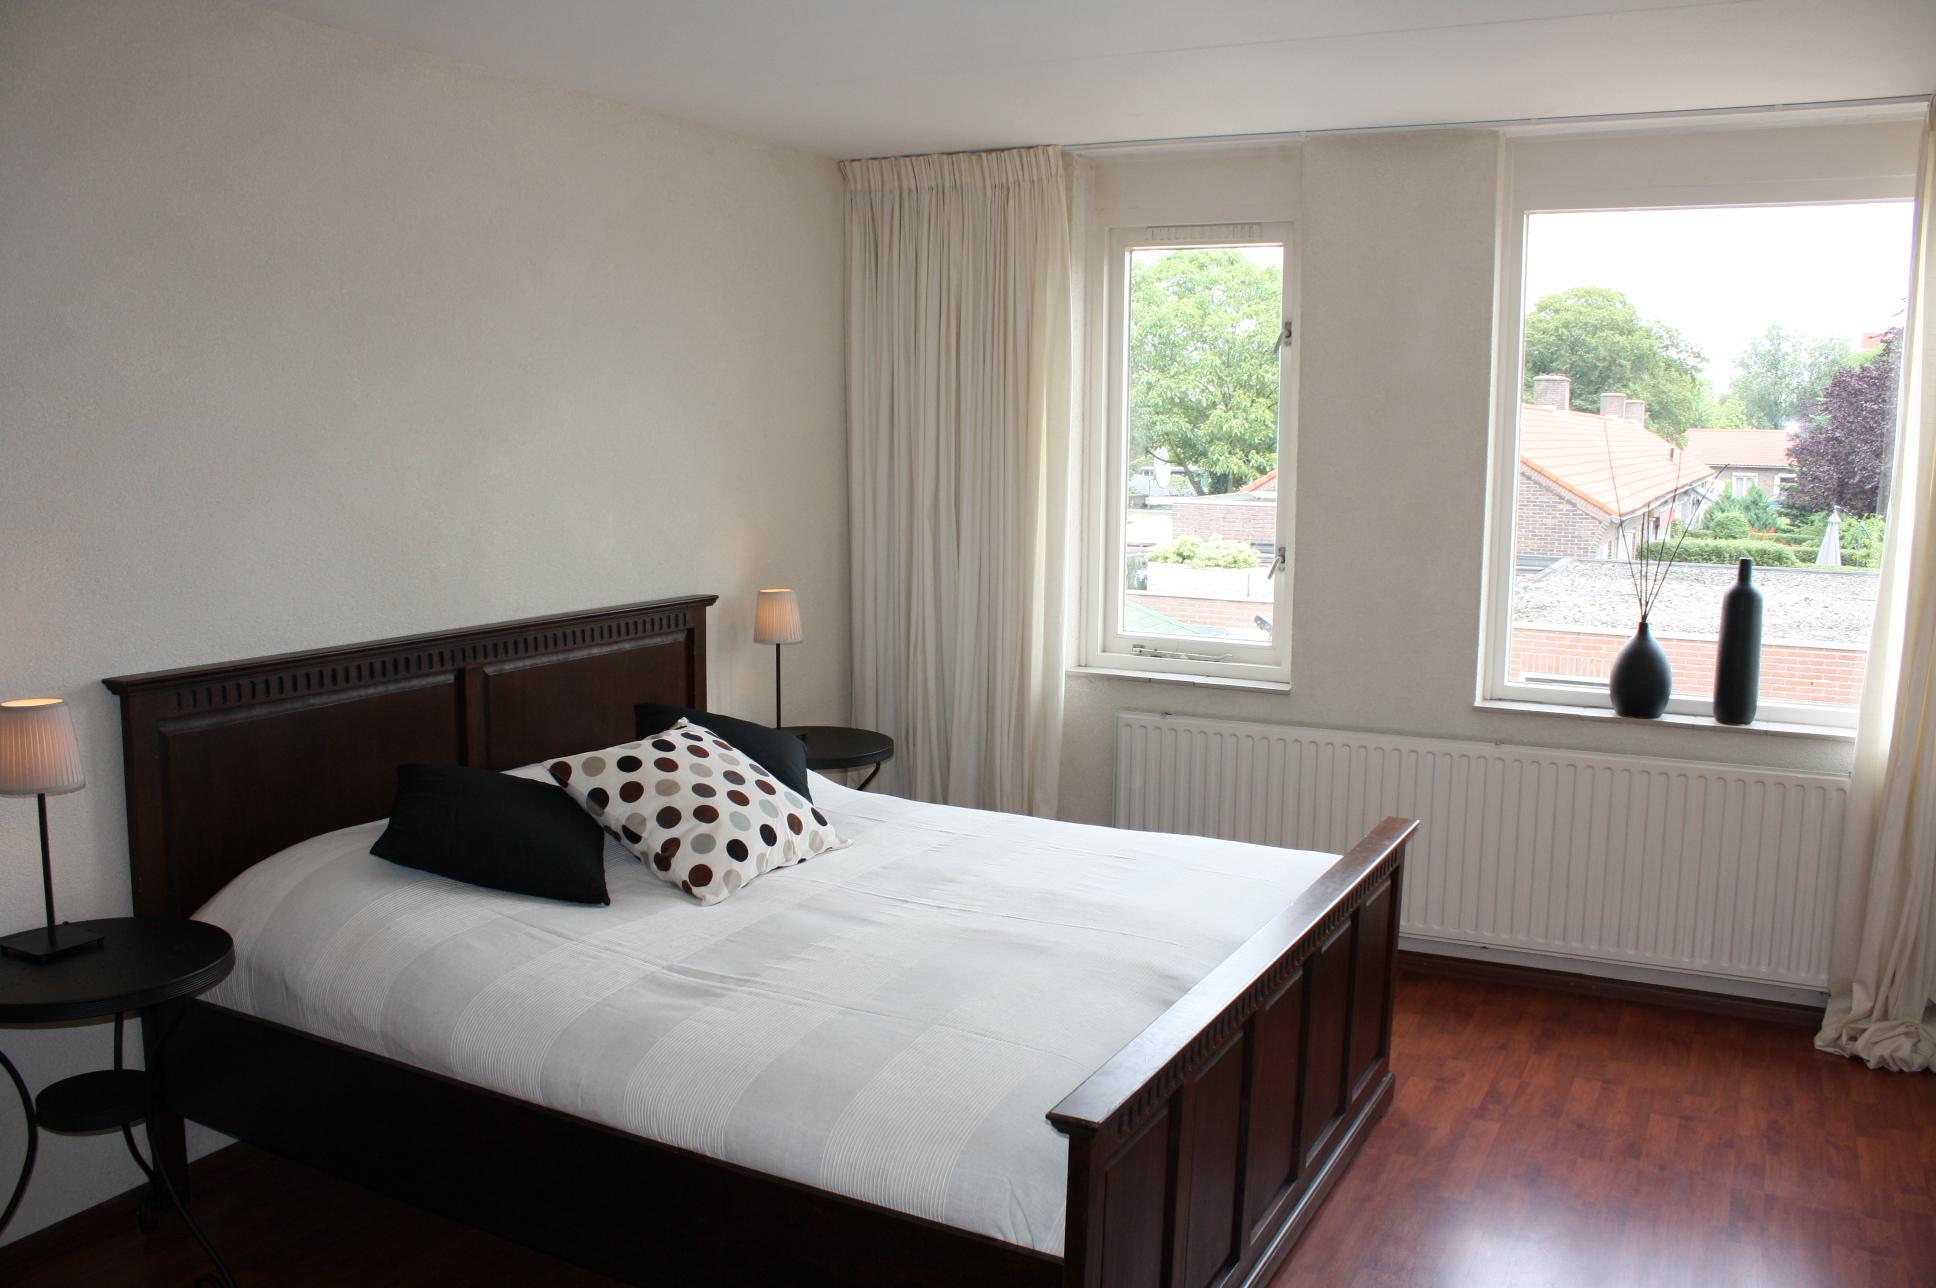 Huis verkopen slaapkamer klaarmaken voor verkoop makelaarsland - Huis slaapkamer ...